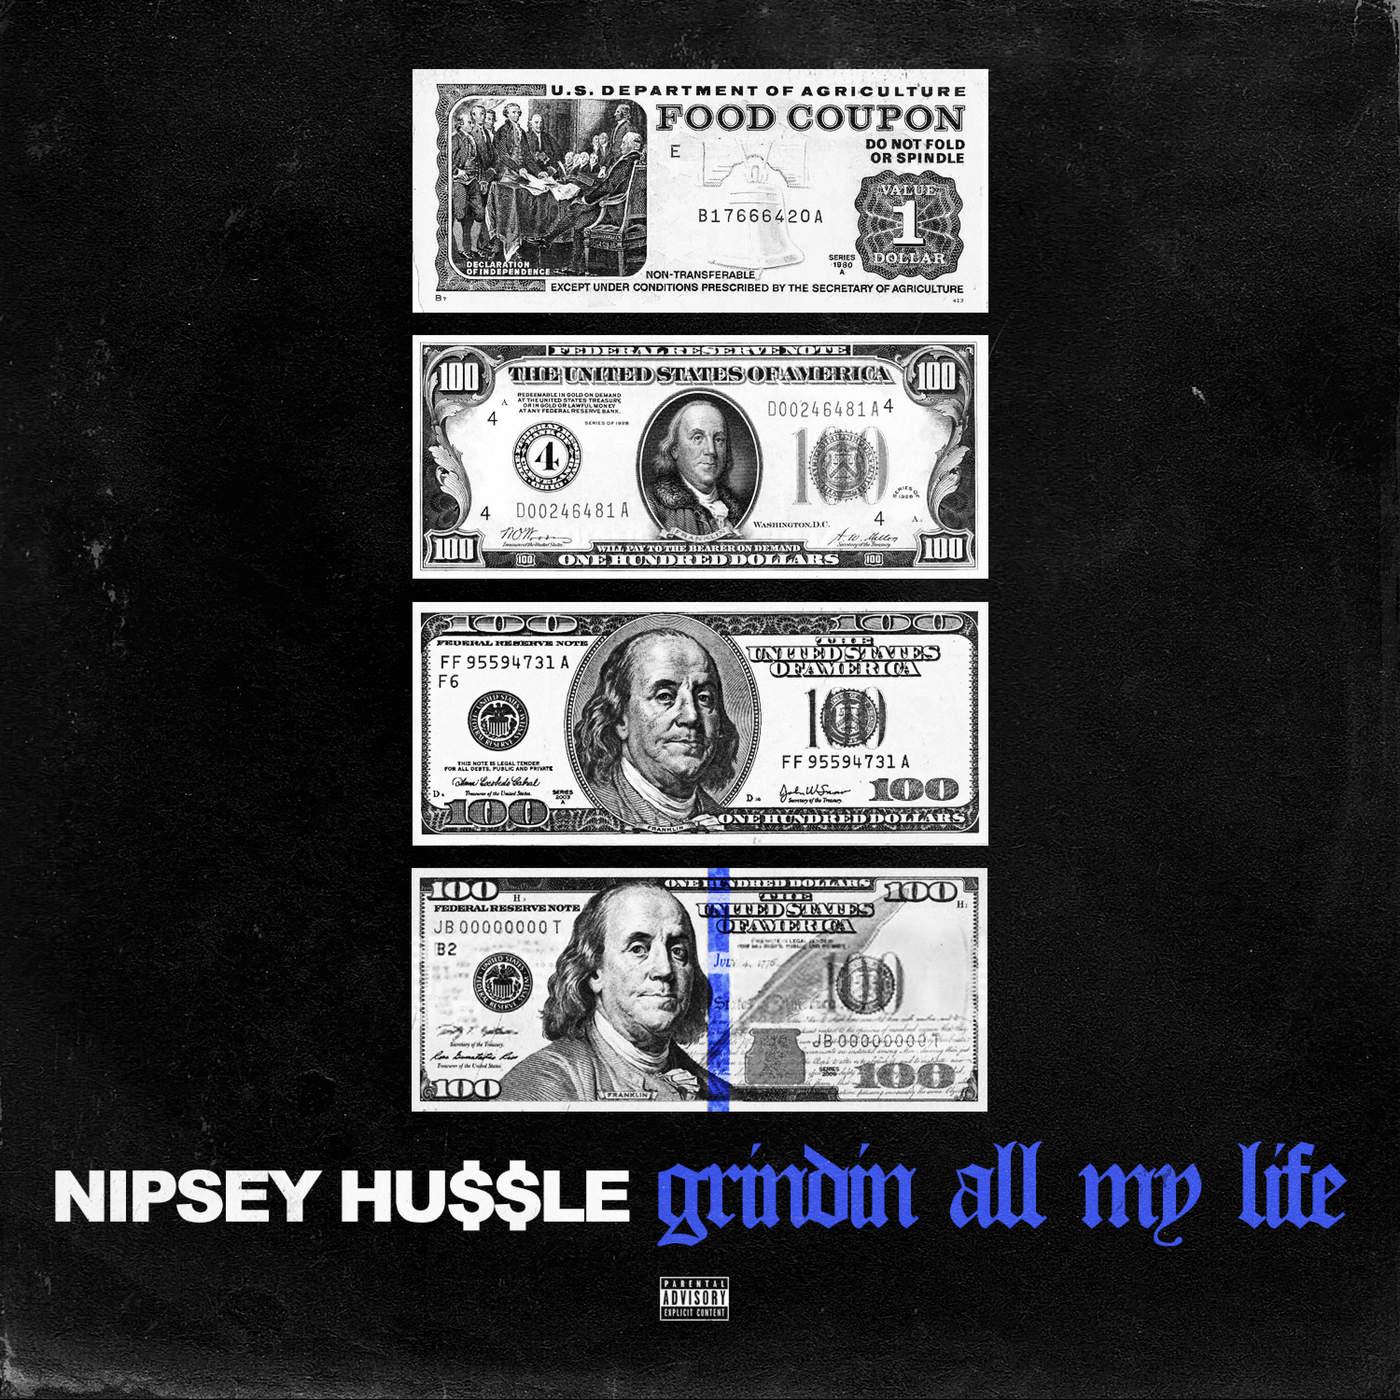 nipsey hussle no pressure itunes zip